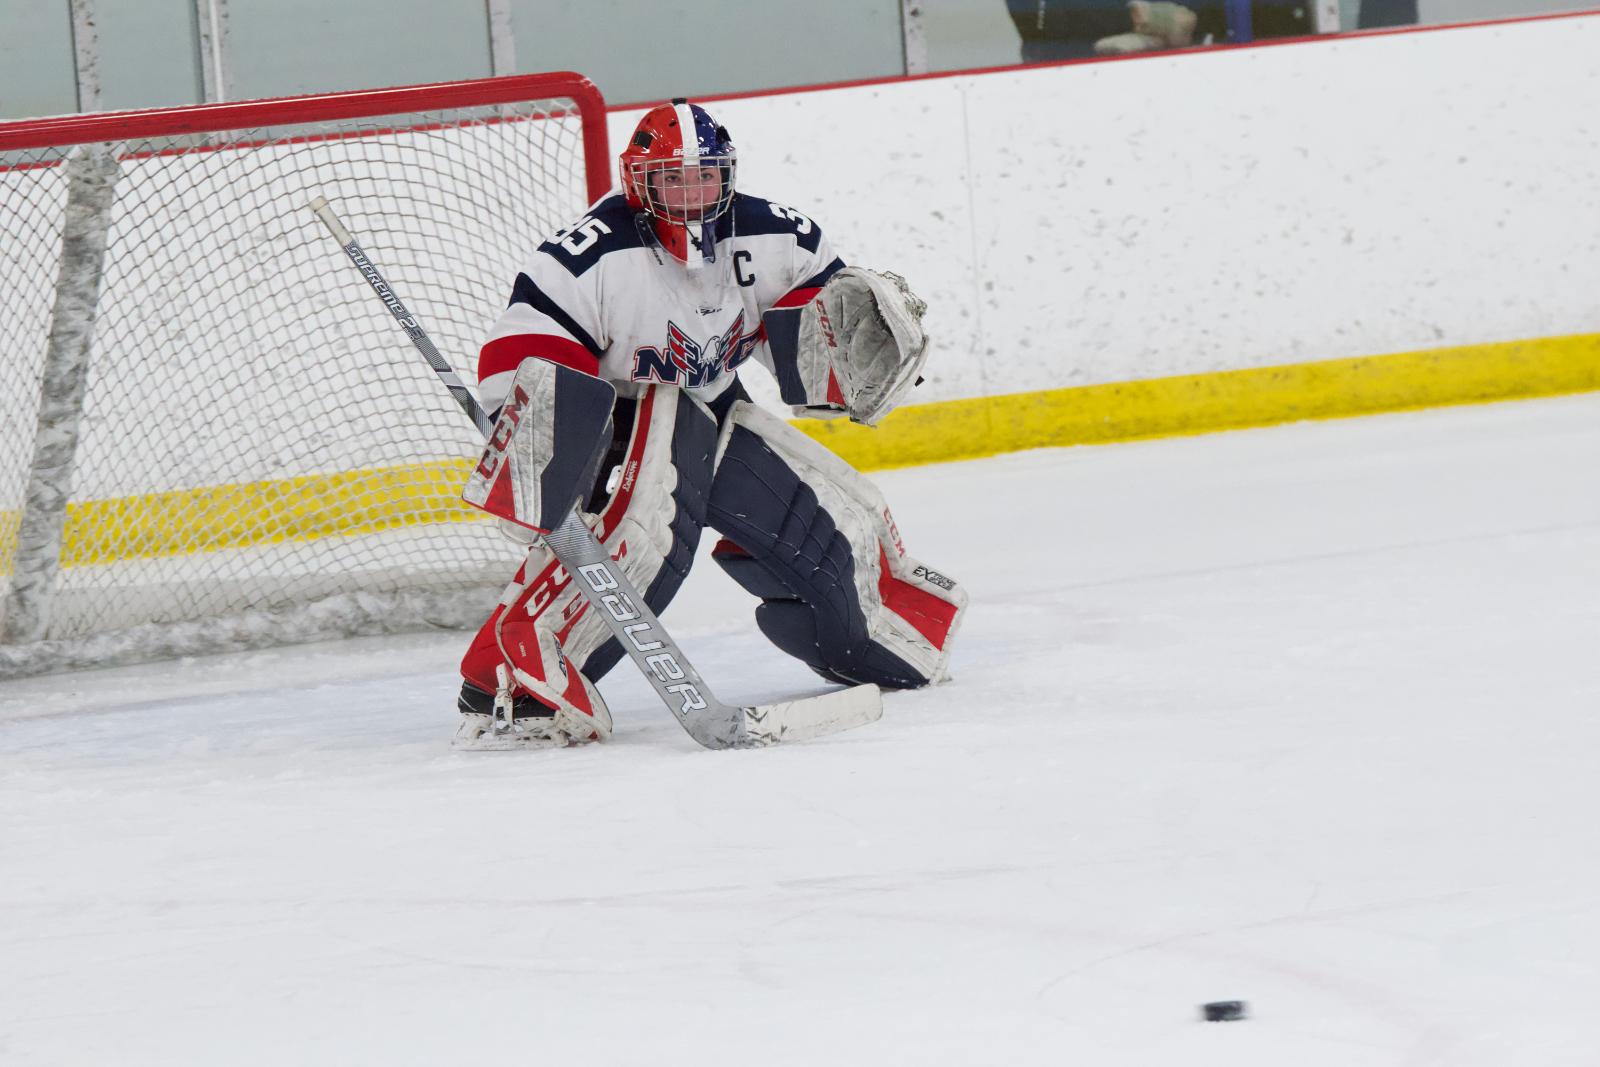 Anna LaRose named Let's Play Hockey Senior Goalie of the Year!